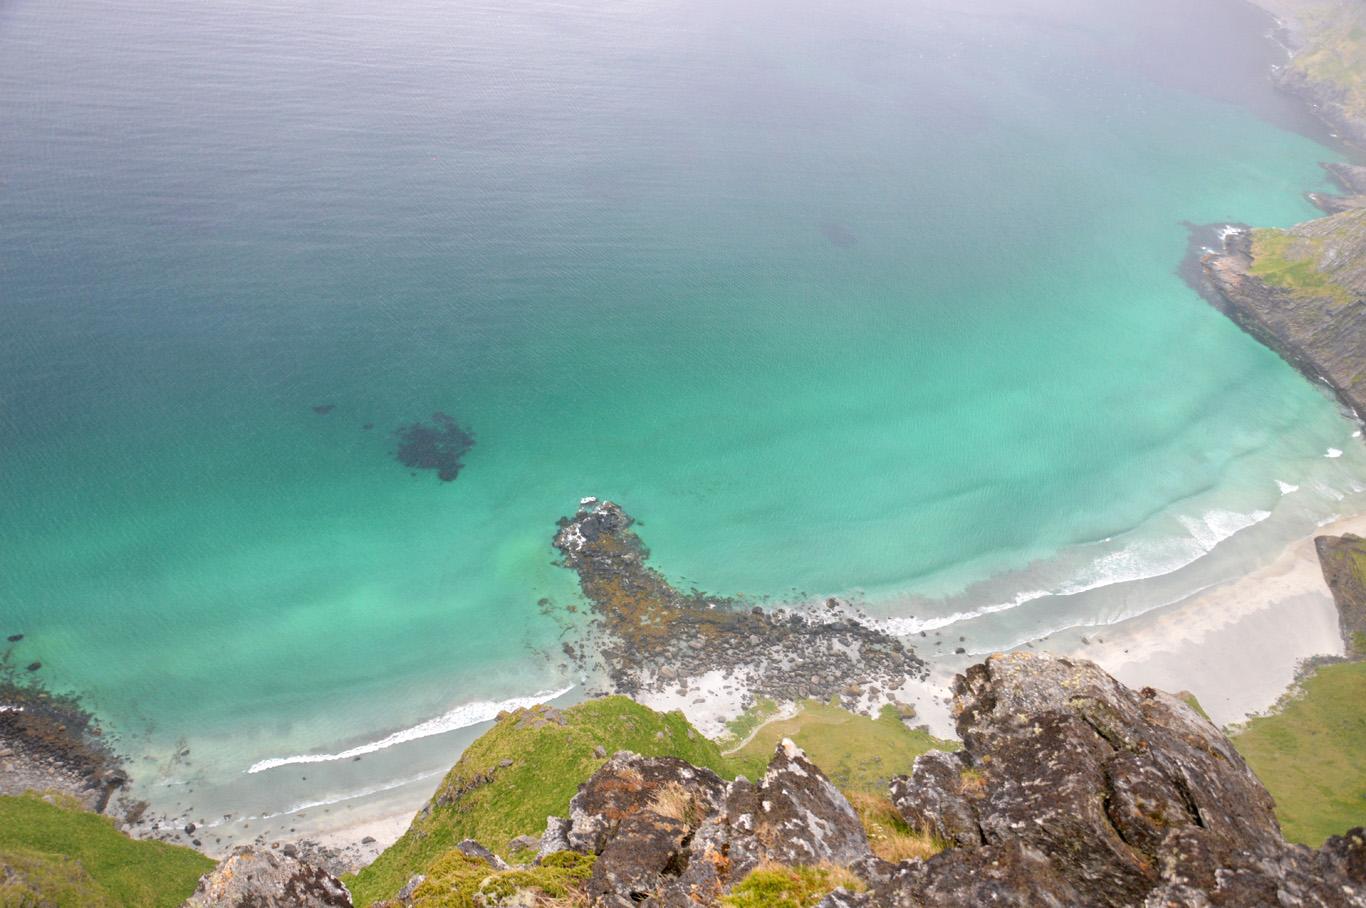 Another view of Punn Sanden beach